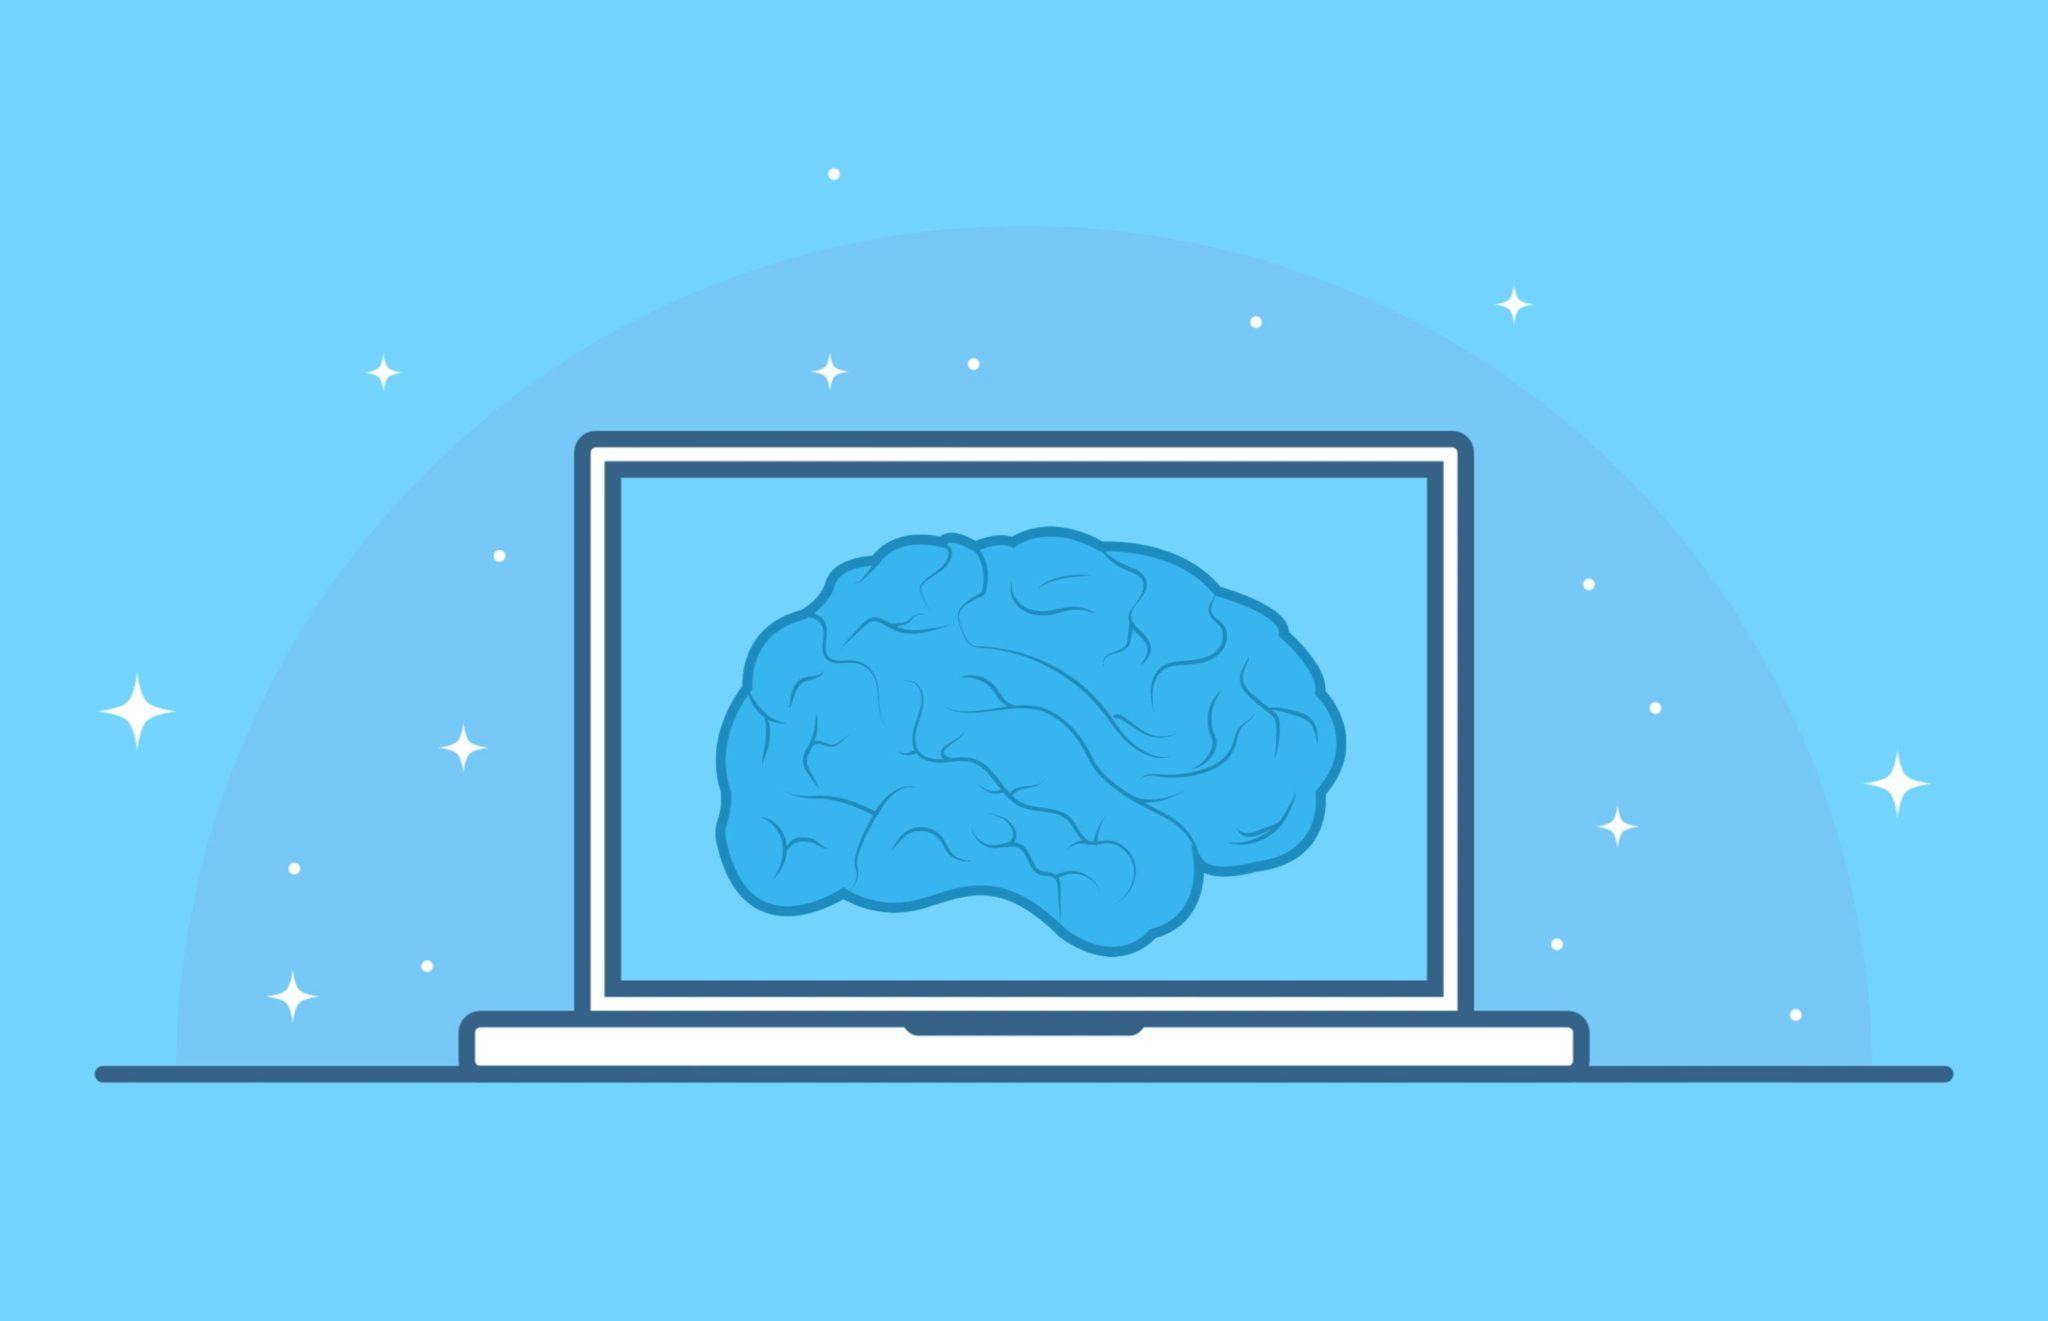 Image de cerveau numérique représentant l'intelligence artificielle